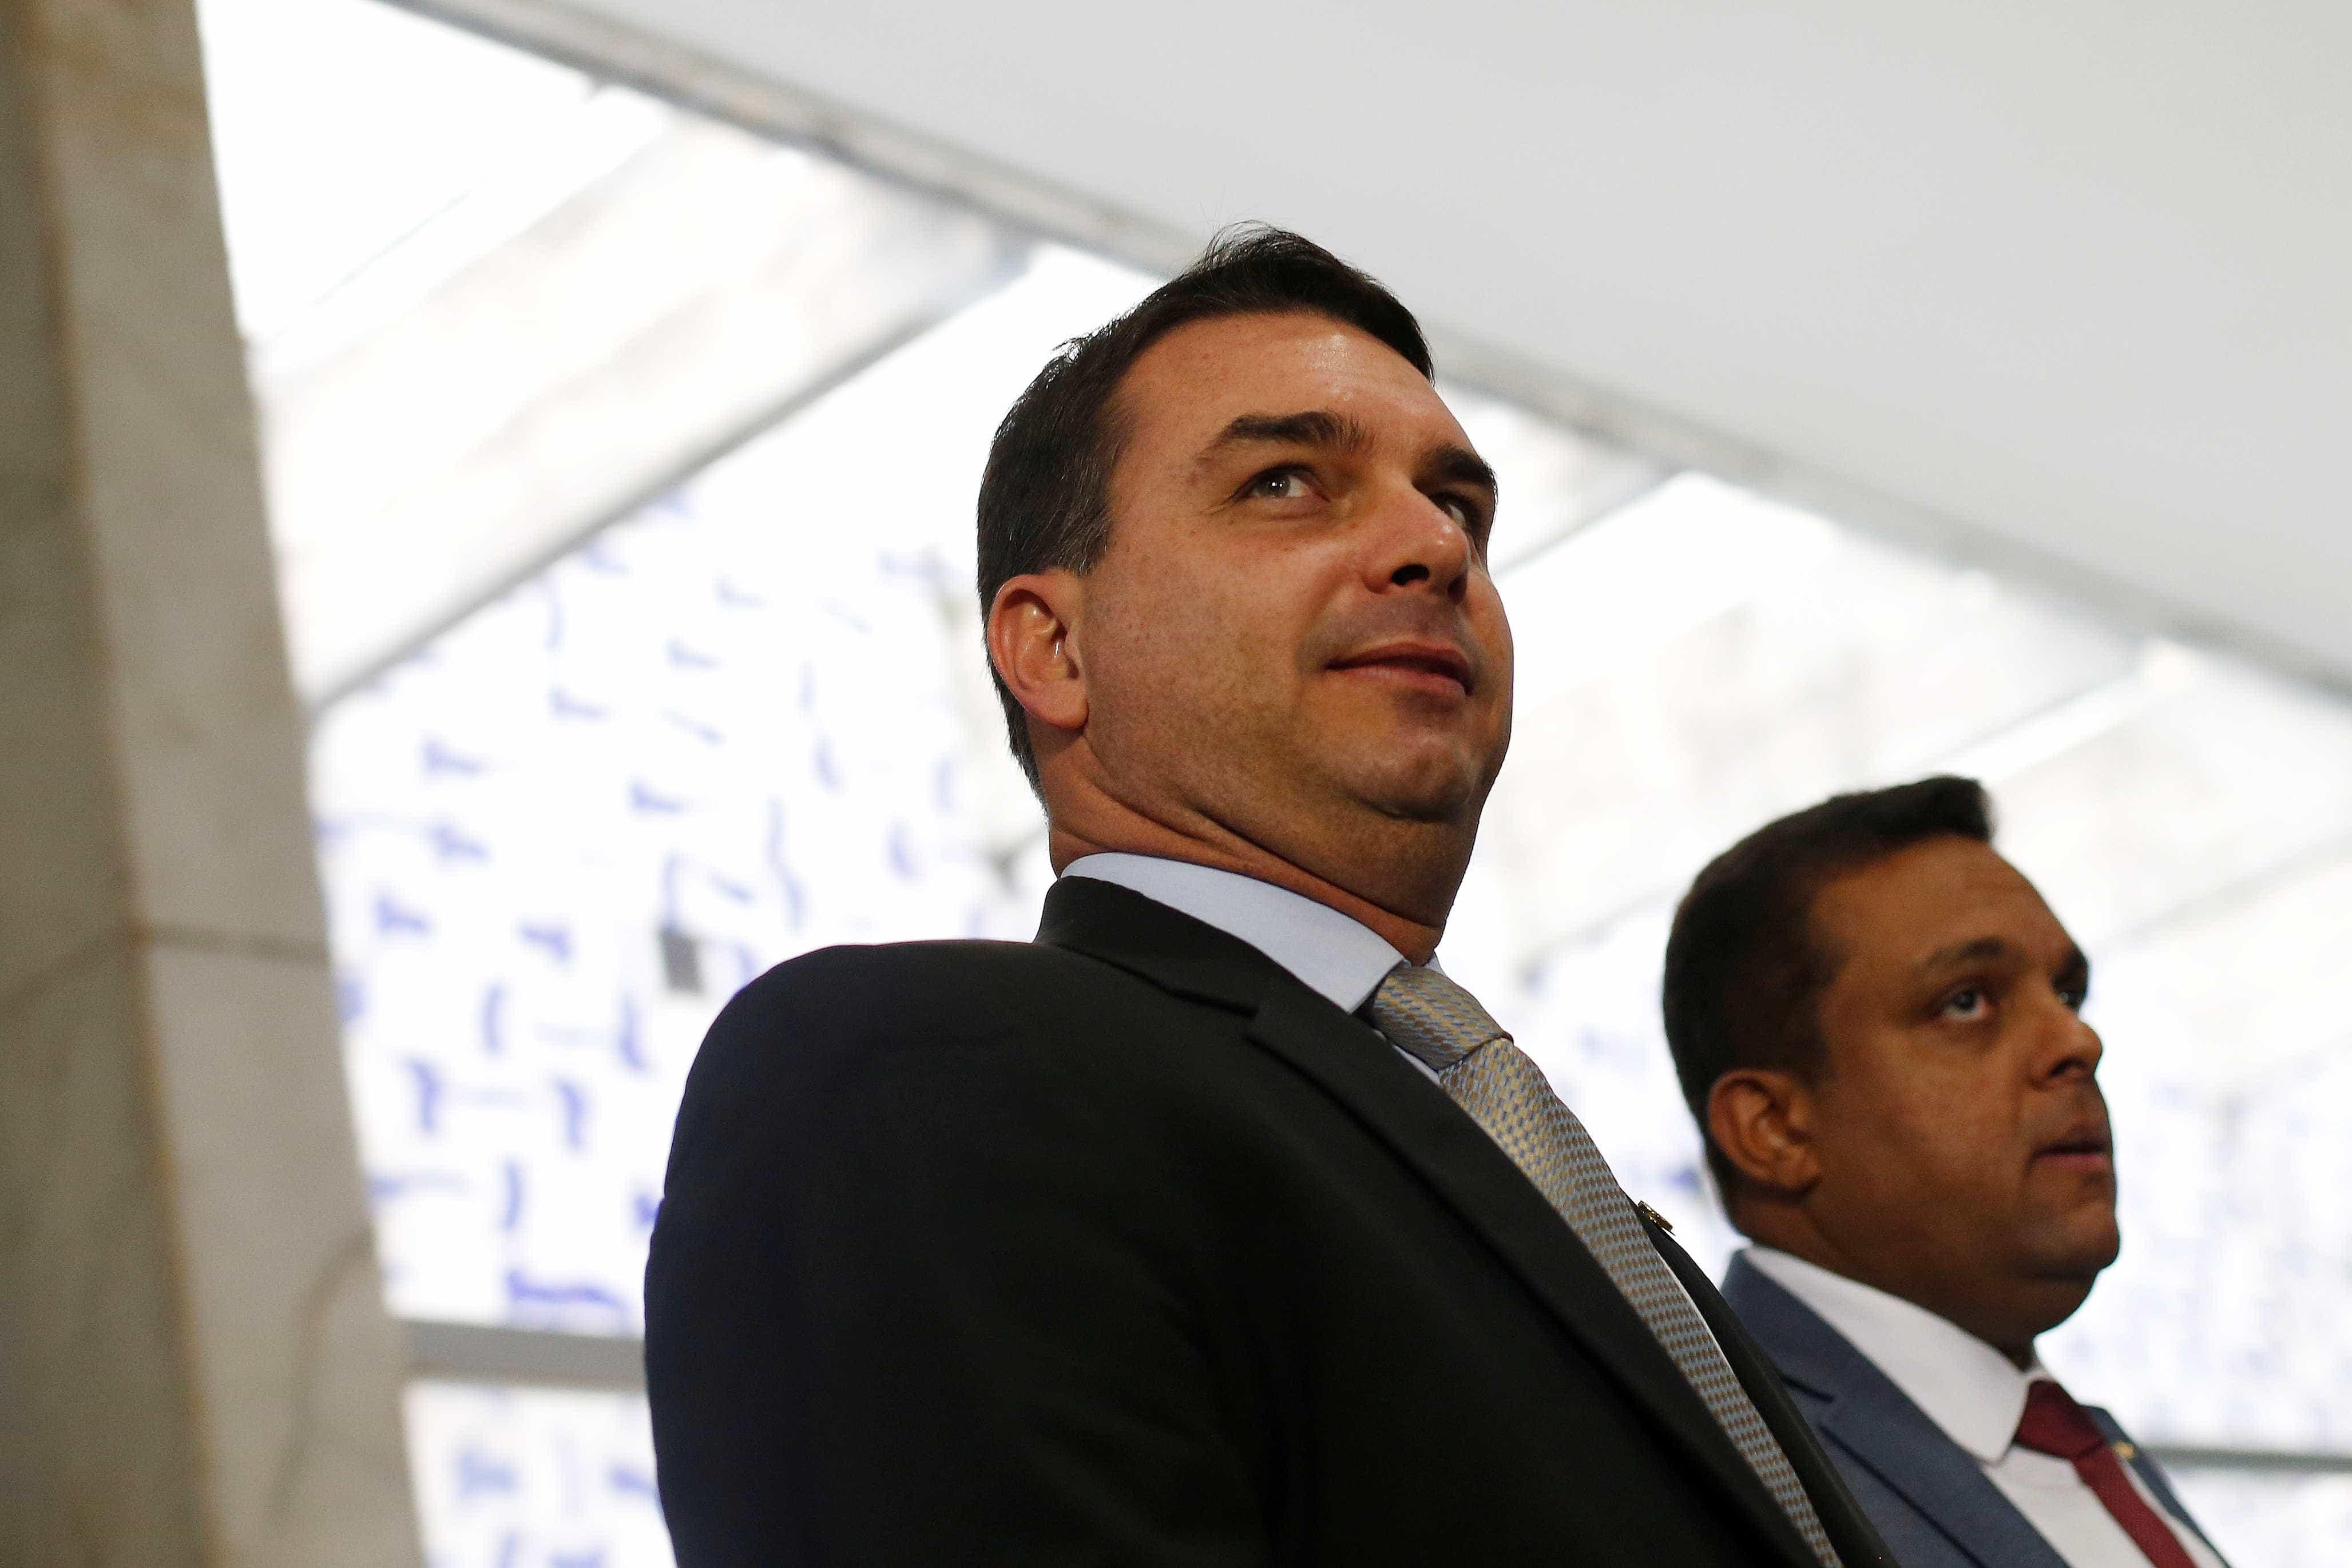 Queda de ministro 'machuca todo mundo', mas é página virada, diz Flávio